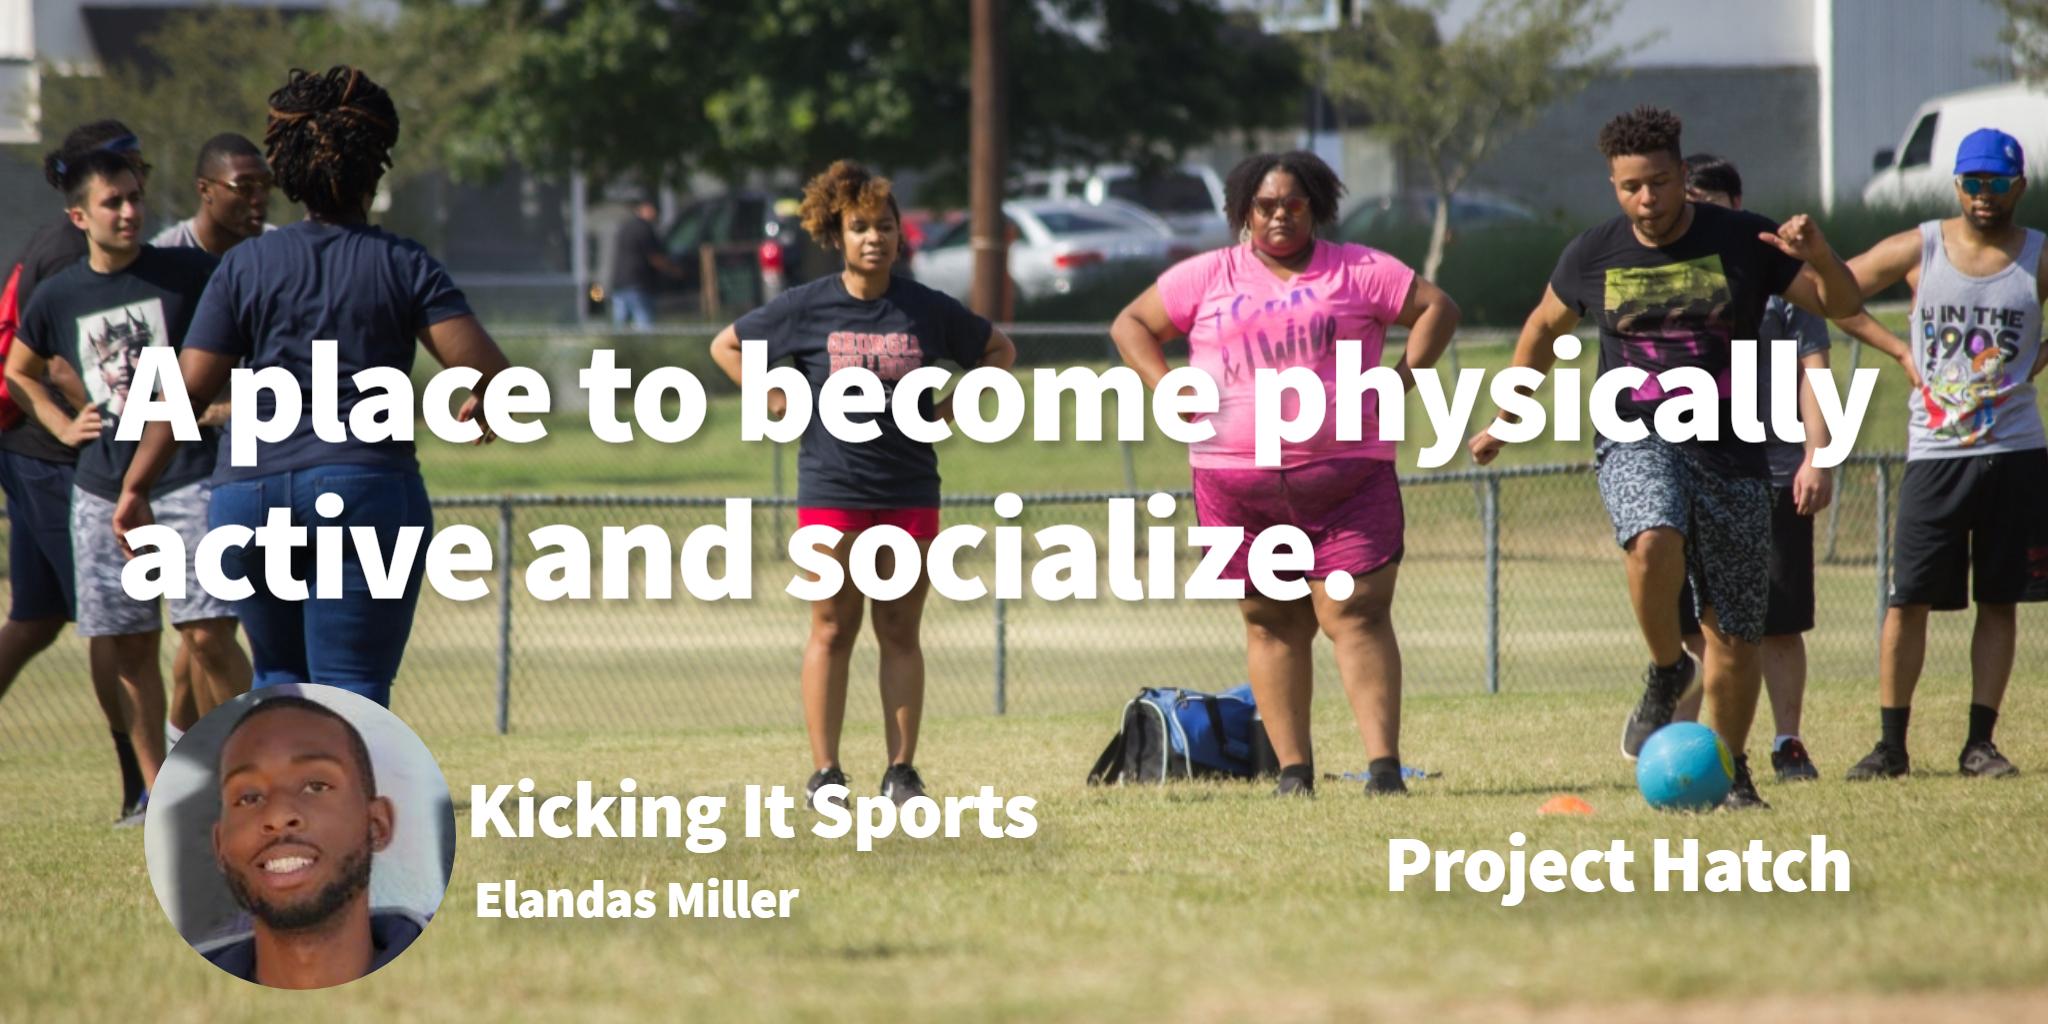 Kicking It Sports  Elandas Miler